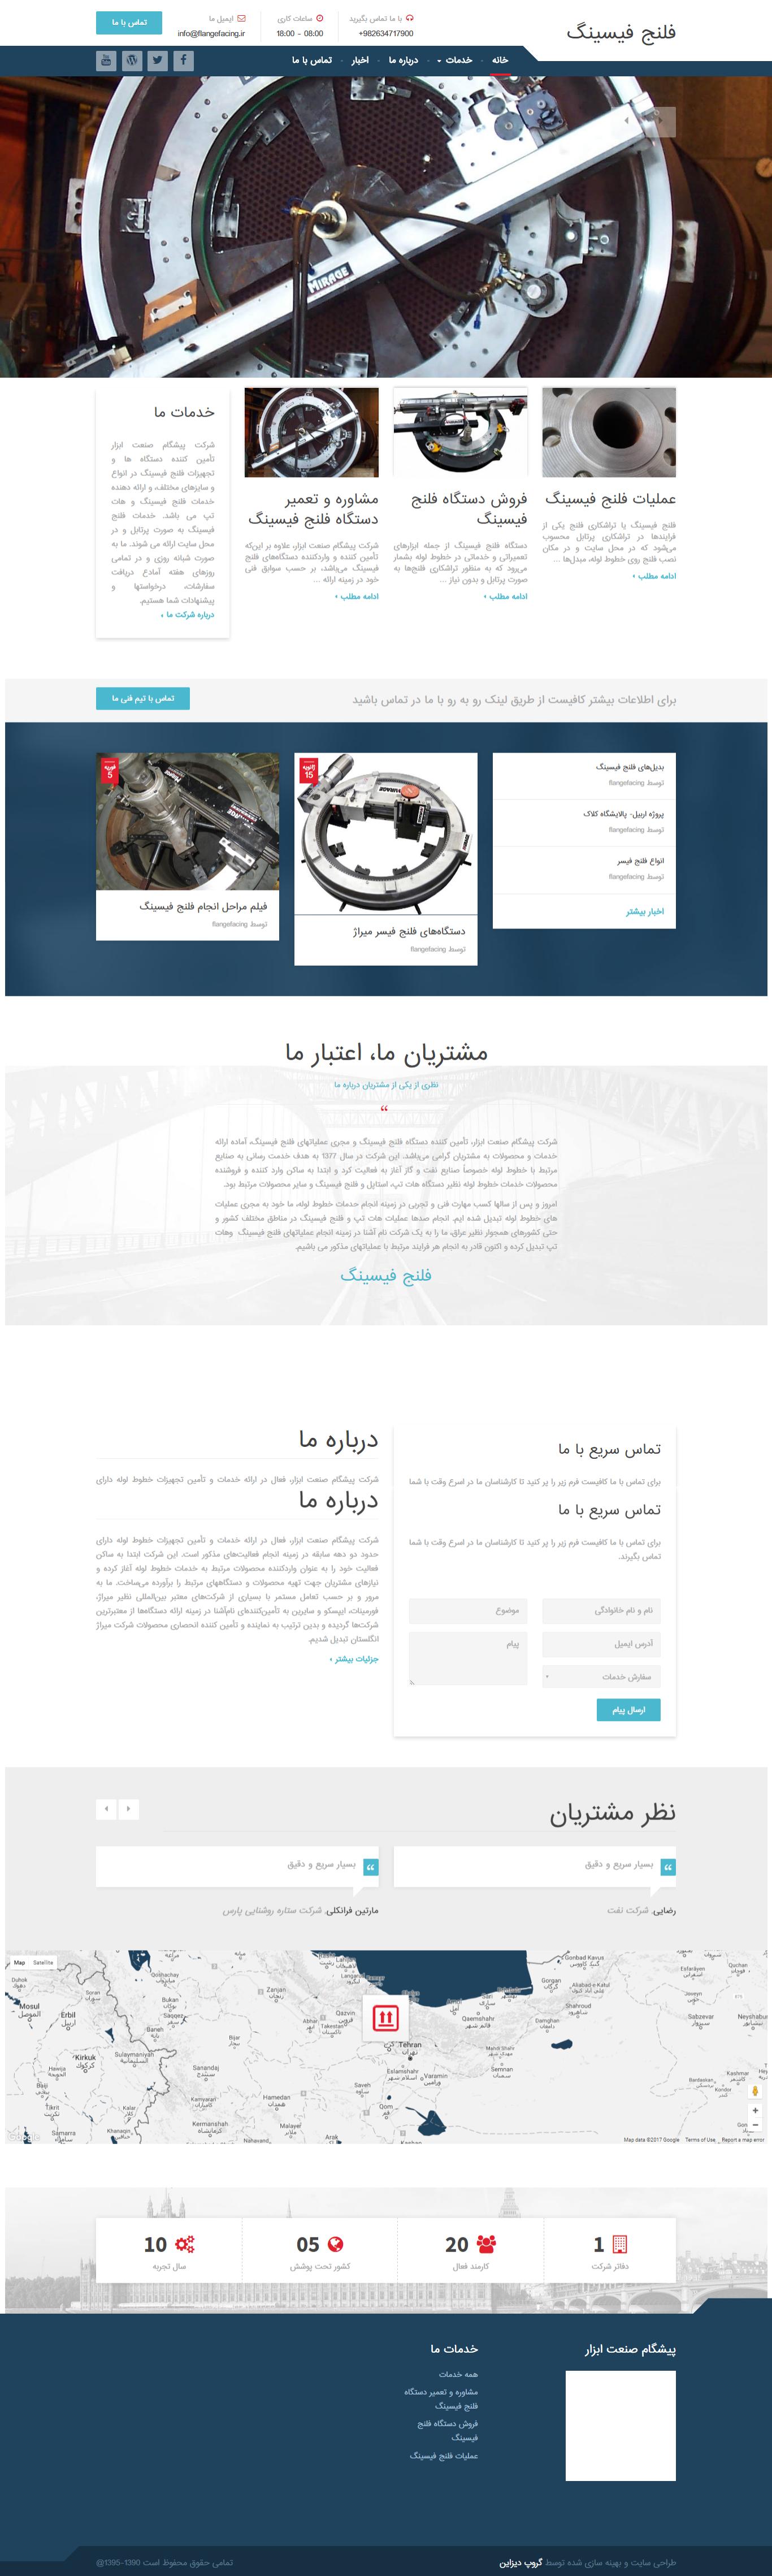 طراحی سایت شرکتی فلنج فیسینگ